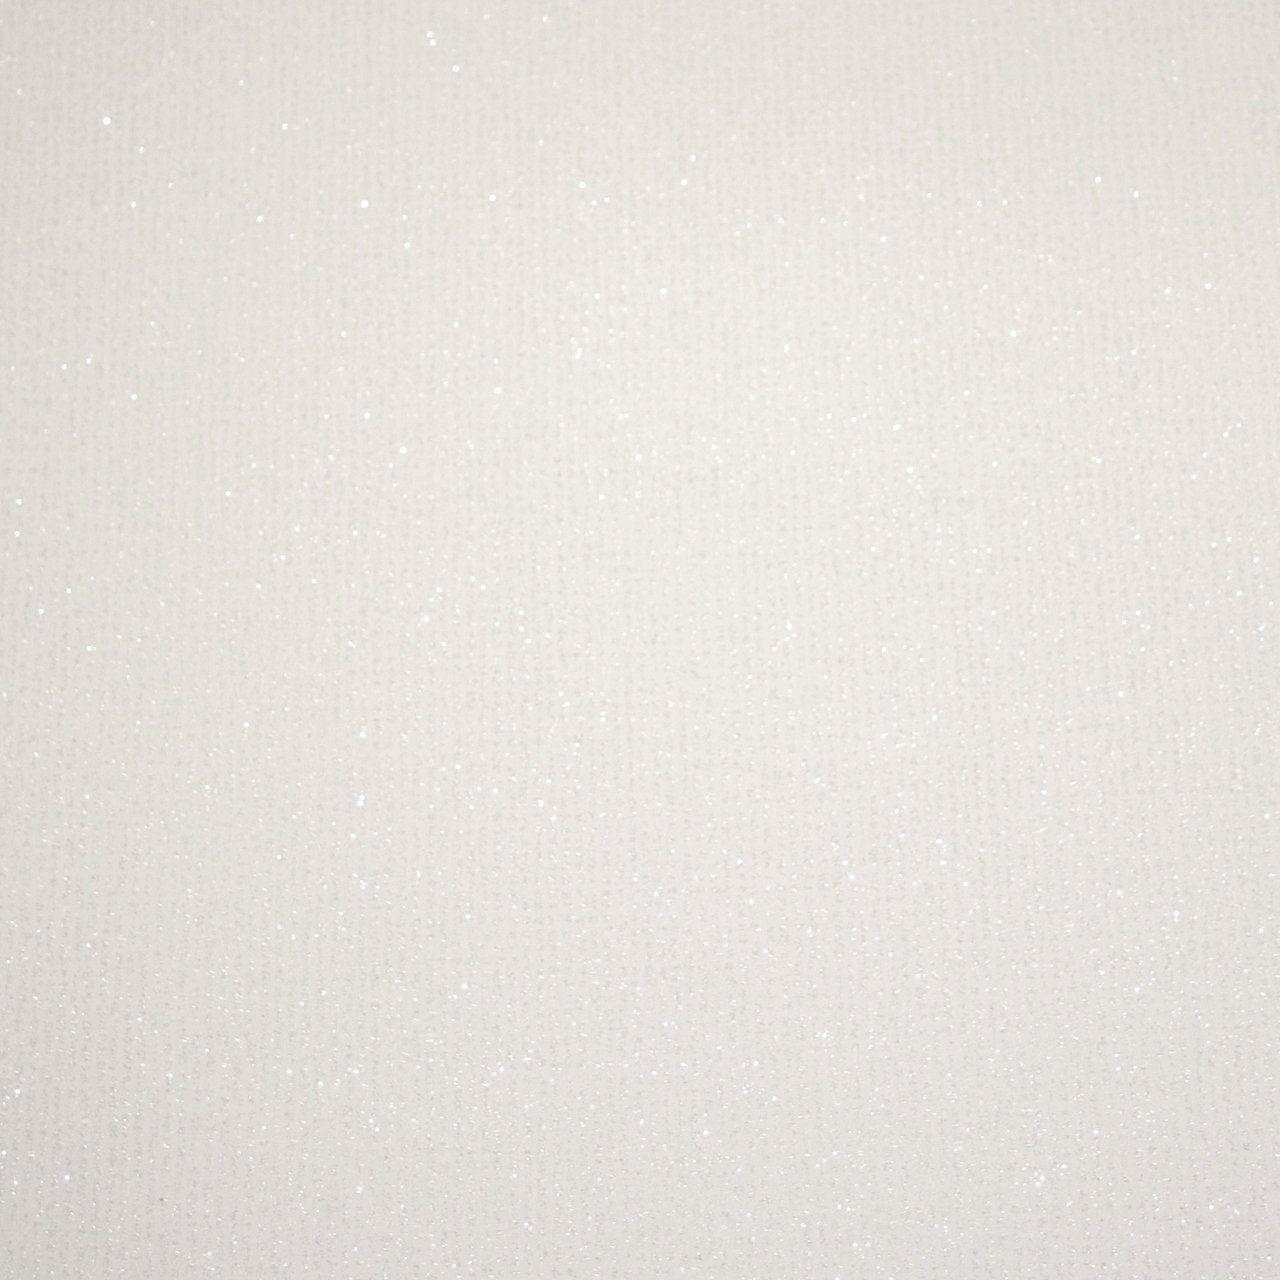 White Glitter Dulce Paillette Silver Sparkle Wallpaper BOA